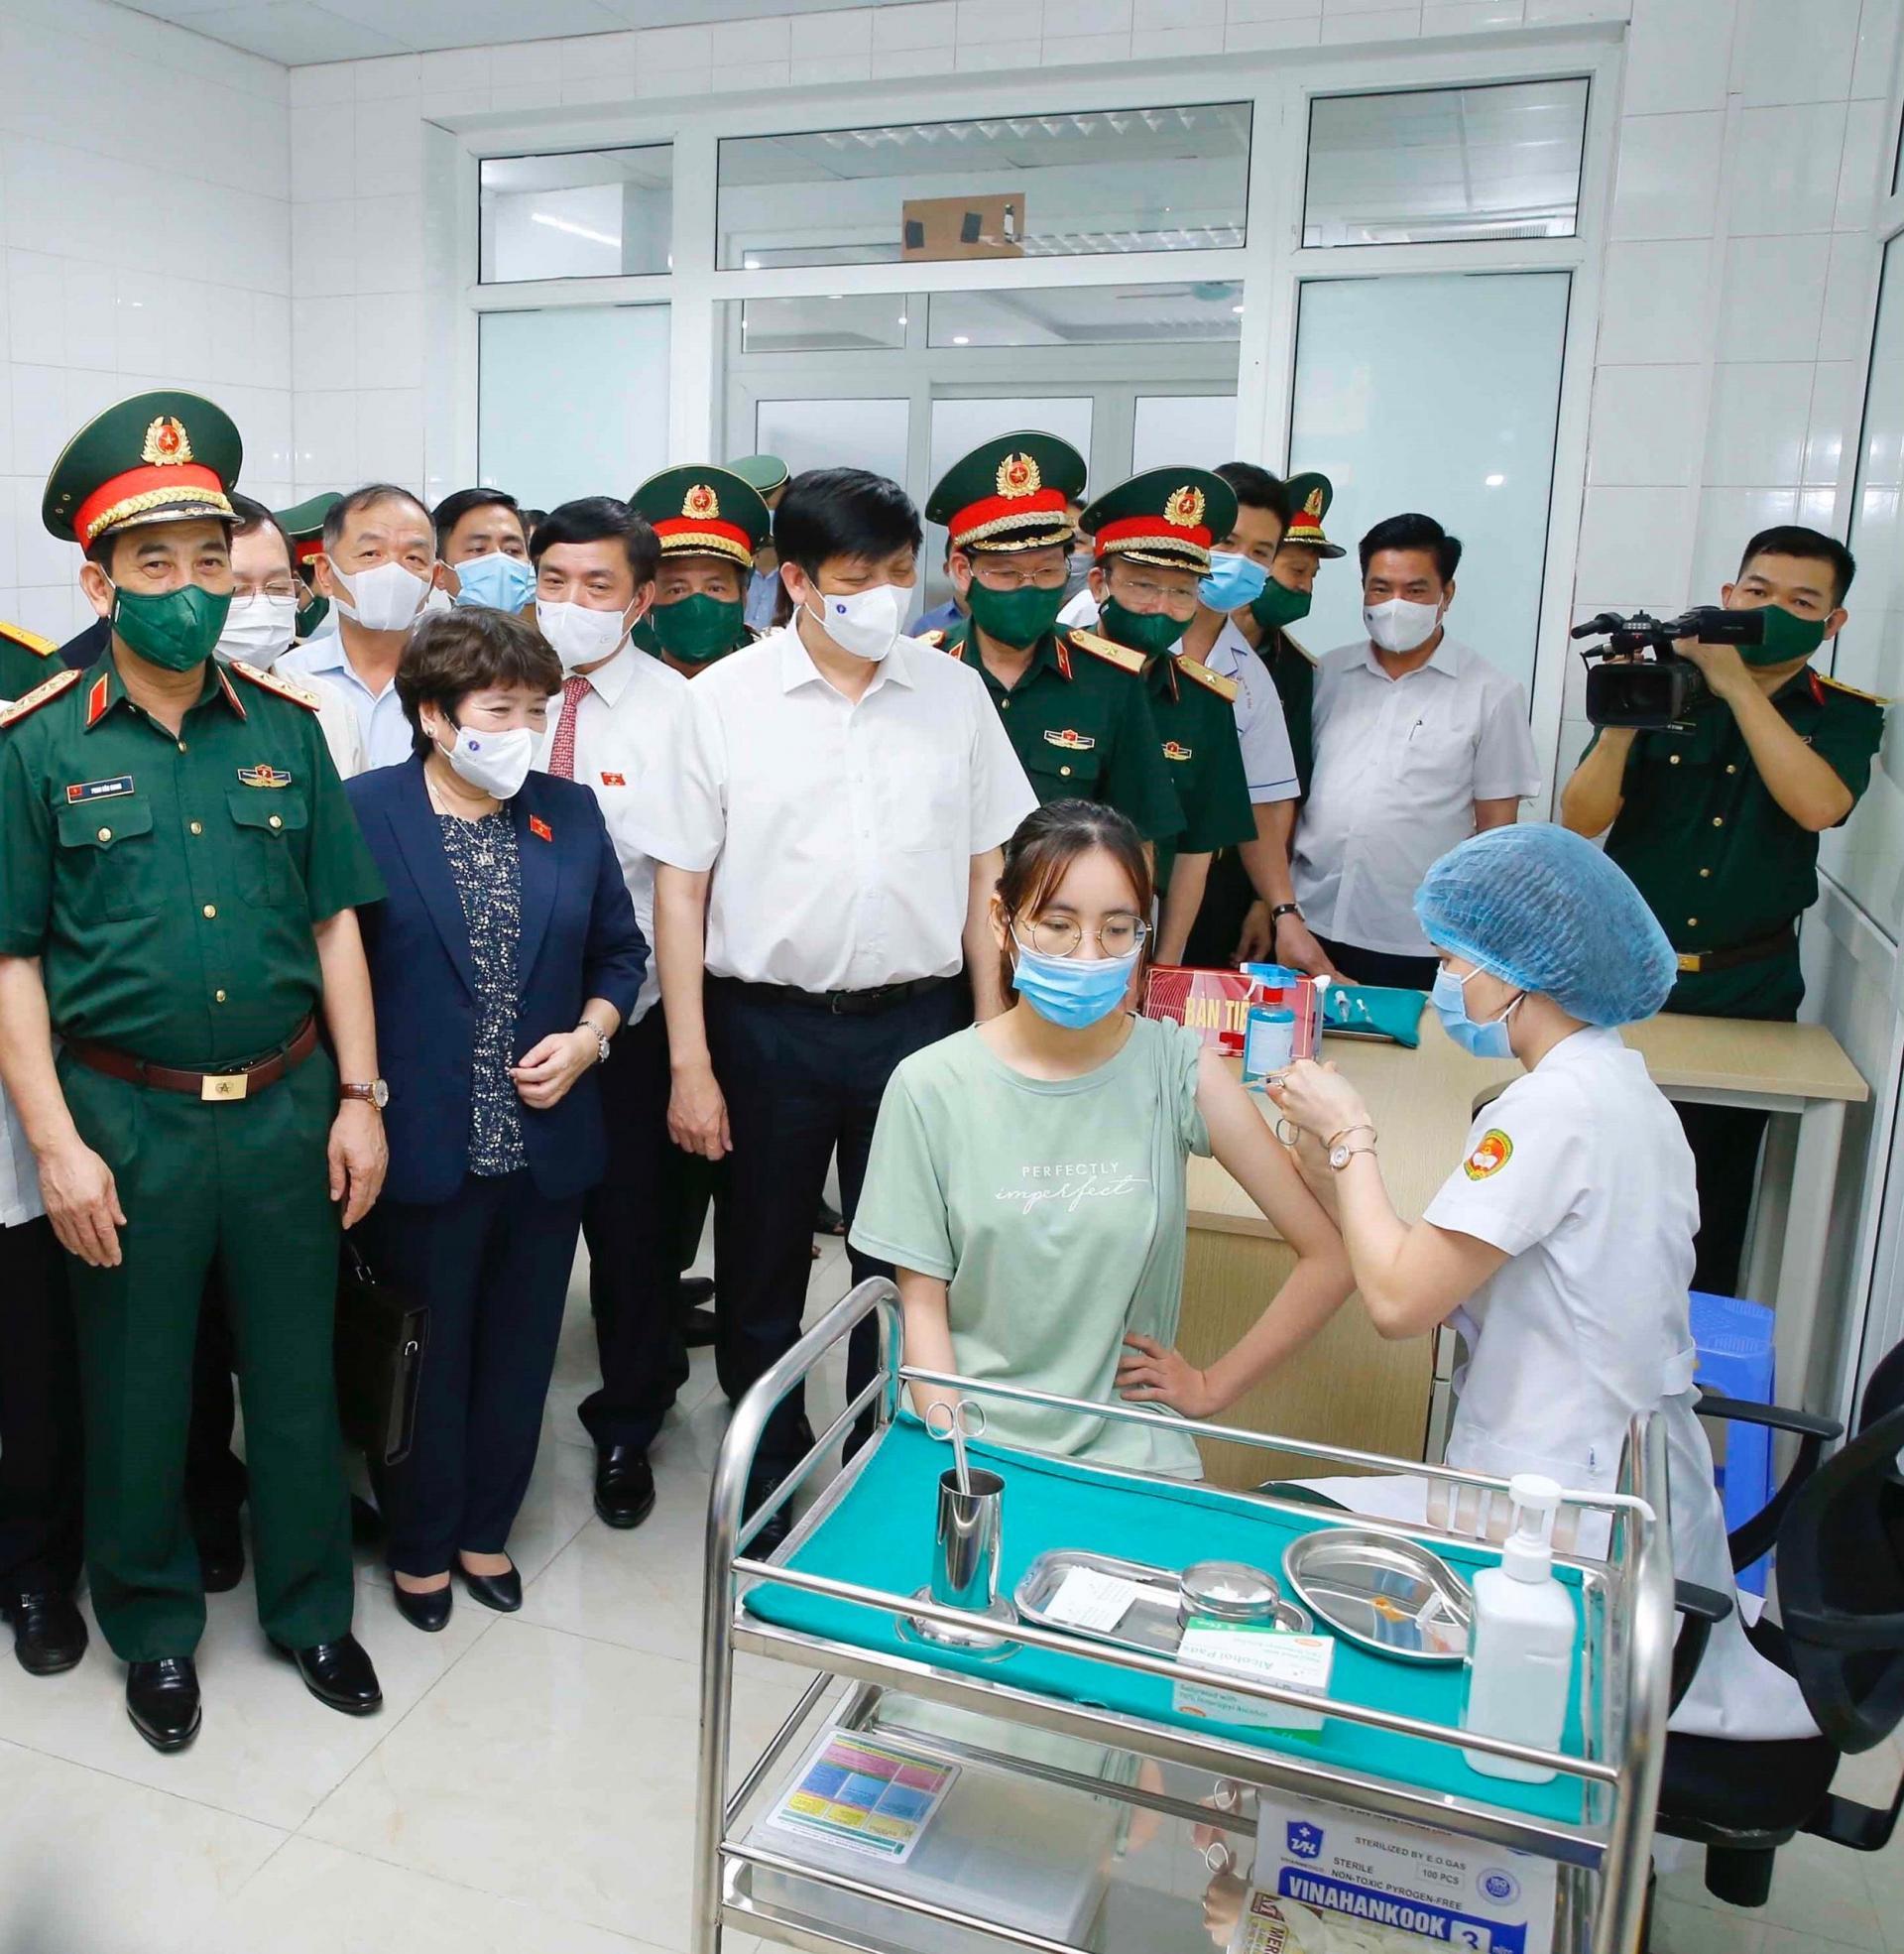 Bộ trưởng Bộ Y tế Nguyễn Thanh Long và Bộ trưởng Quốc Phòng Phan Văn Giang hỏi thăm, động viên tình nguyện viên tiêm thử nghiệm vắc xin phòng COVID-19 Nano Covax.